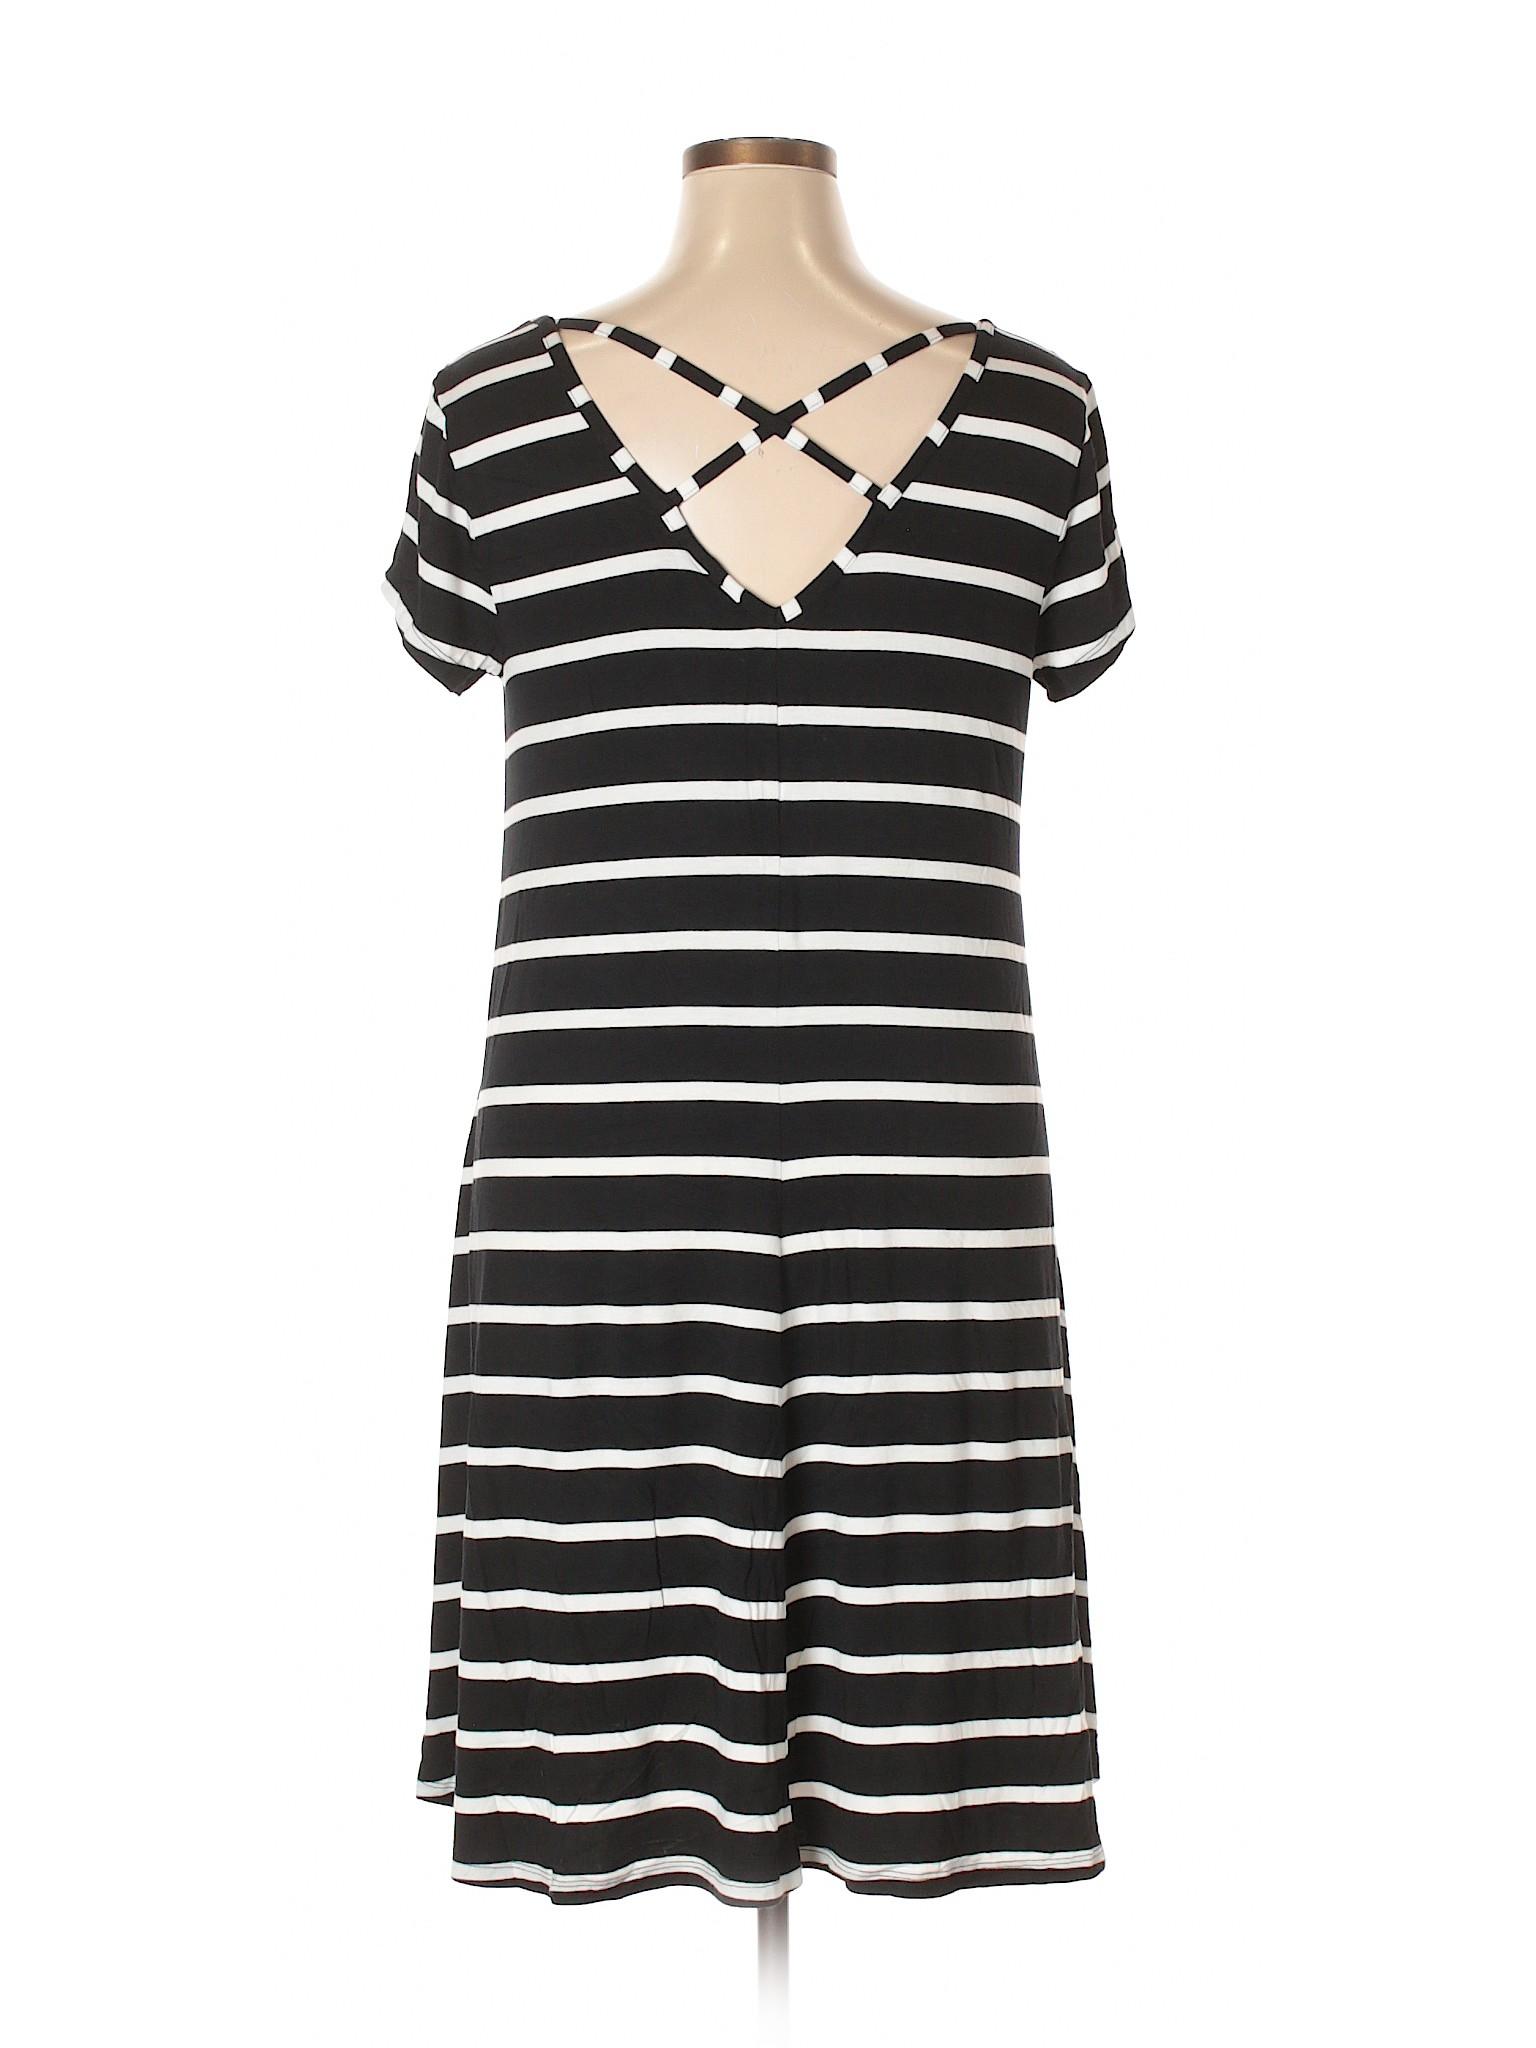 Boutique Dress winter Casual Bryant Lane qv1qxzOZ